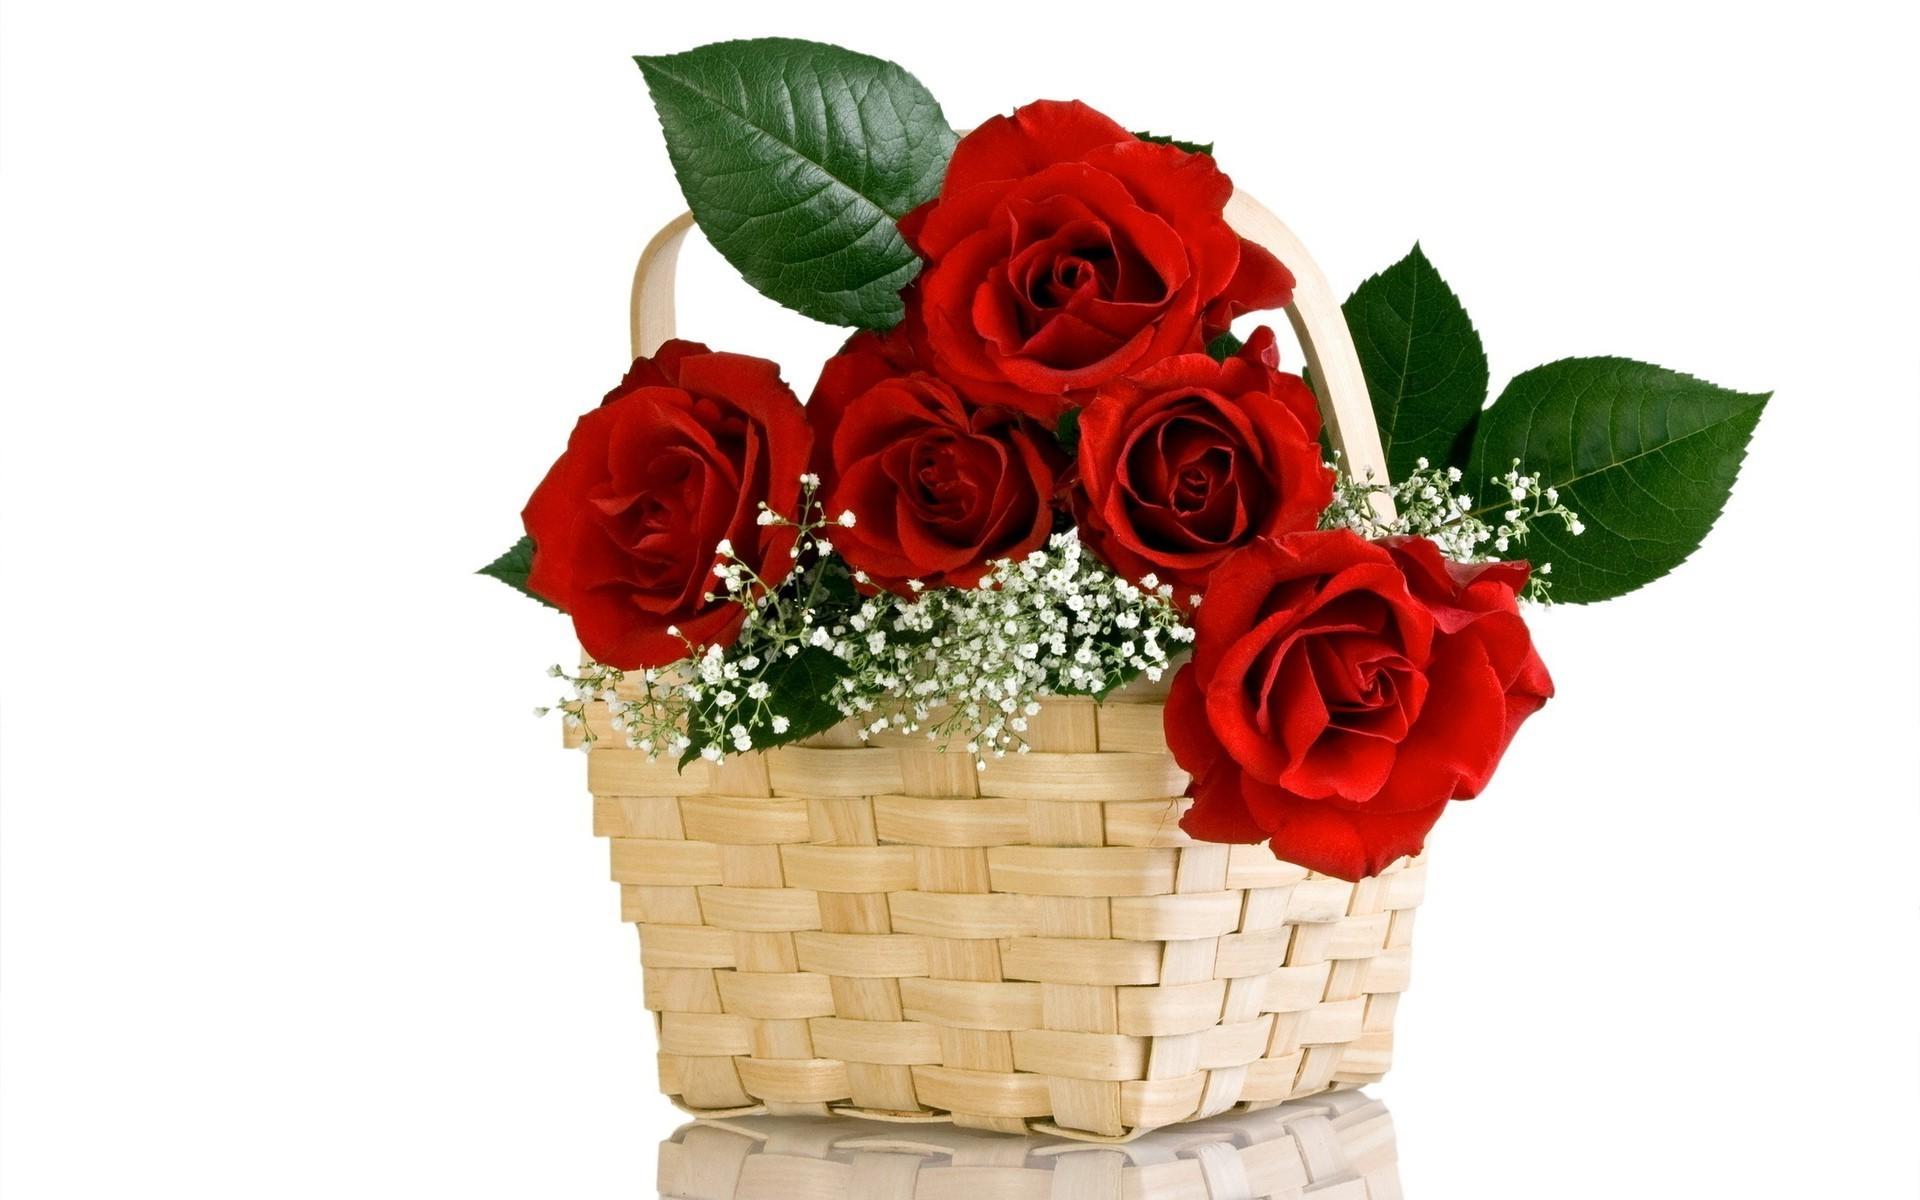 Технике, открытки с днем рождения розы на белом фоне